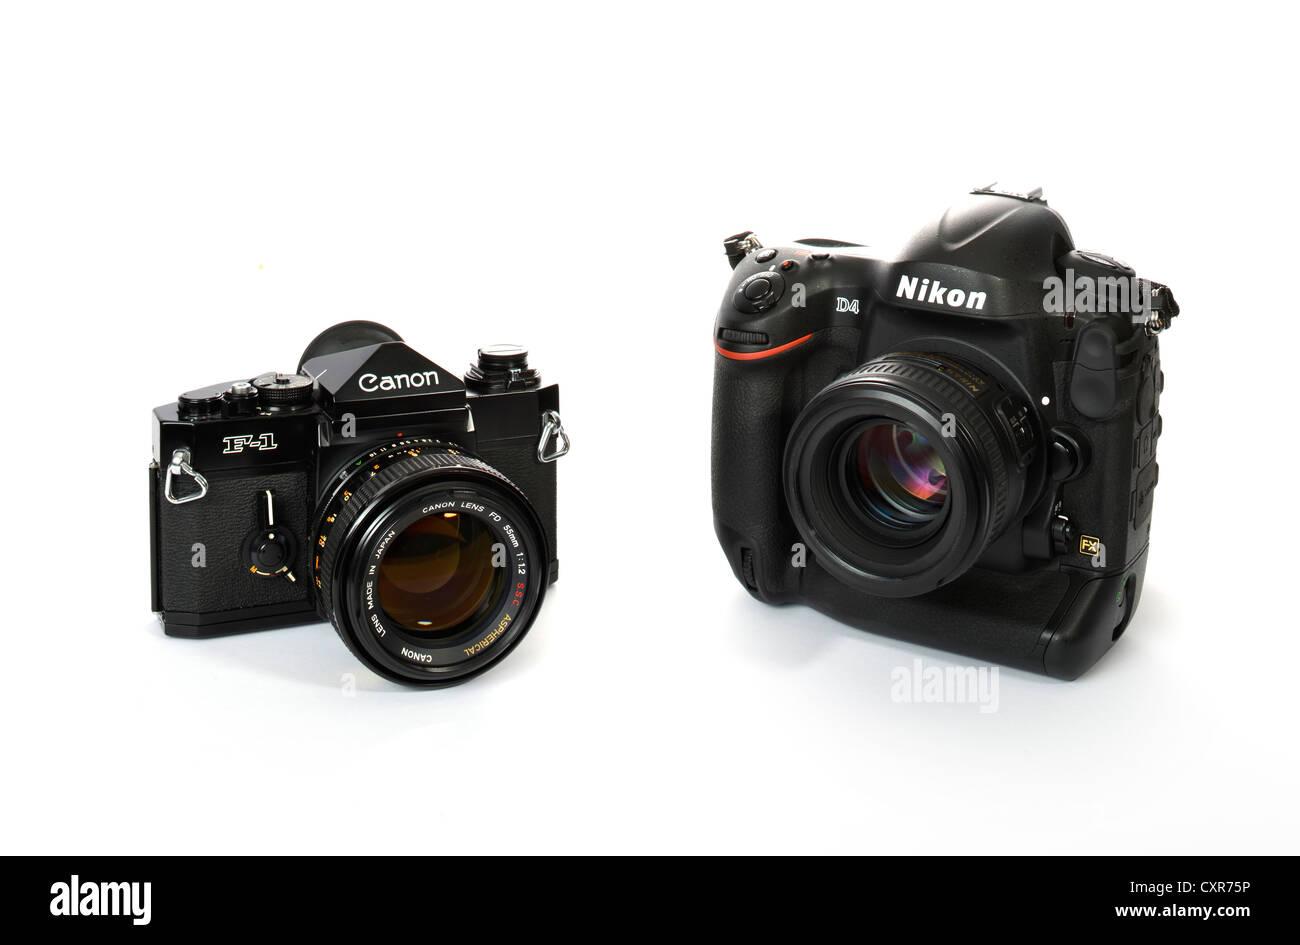 Nikon D4 Stock Photos & Nikon D4 Stock Images - Alamy